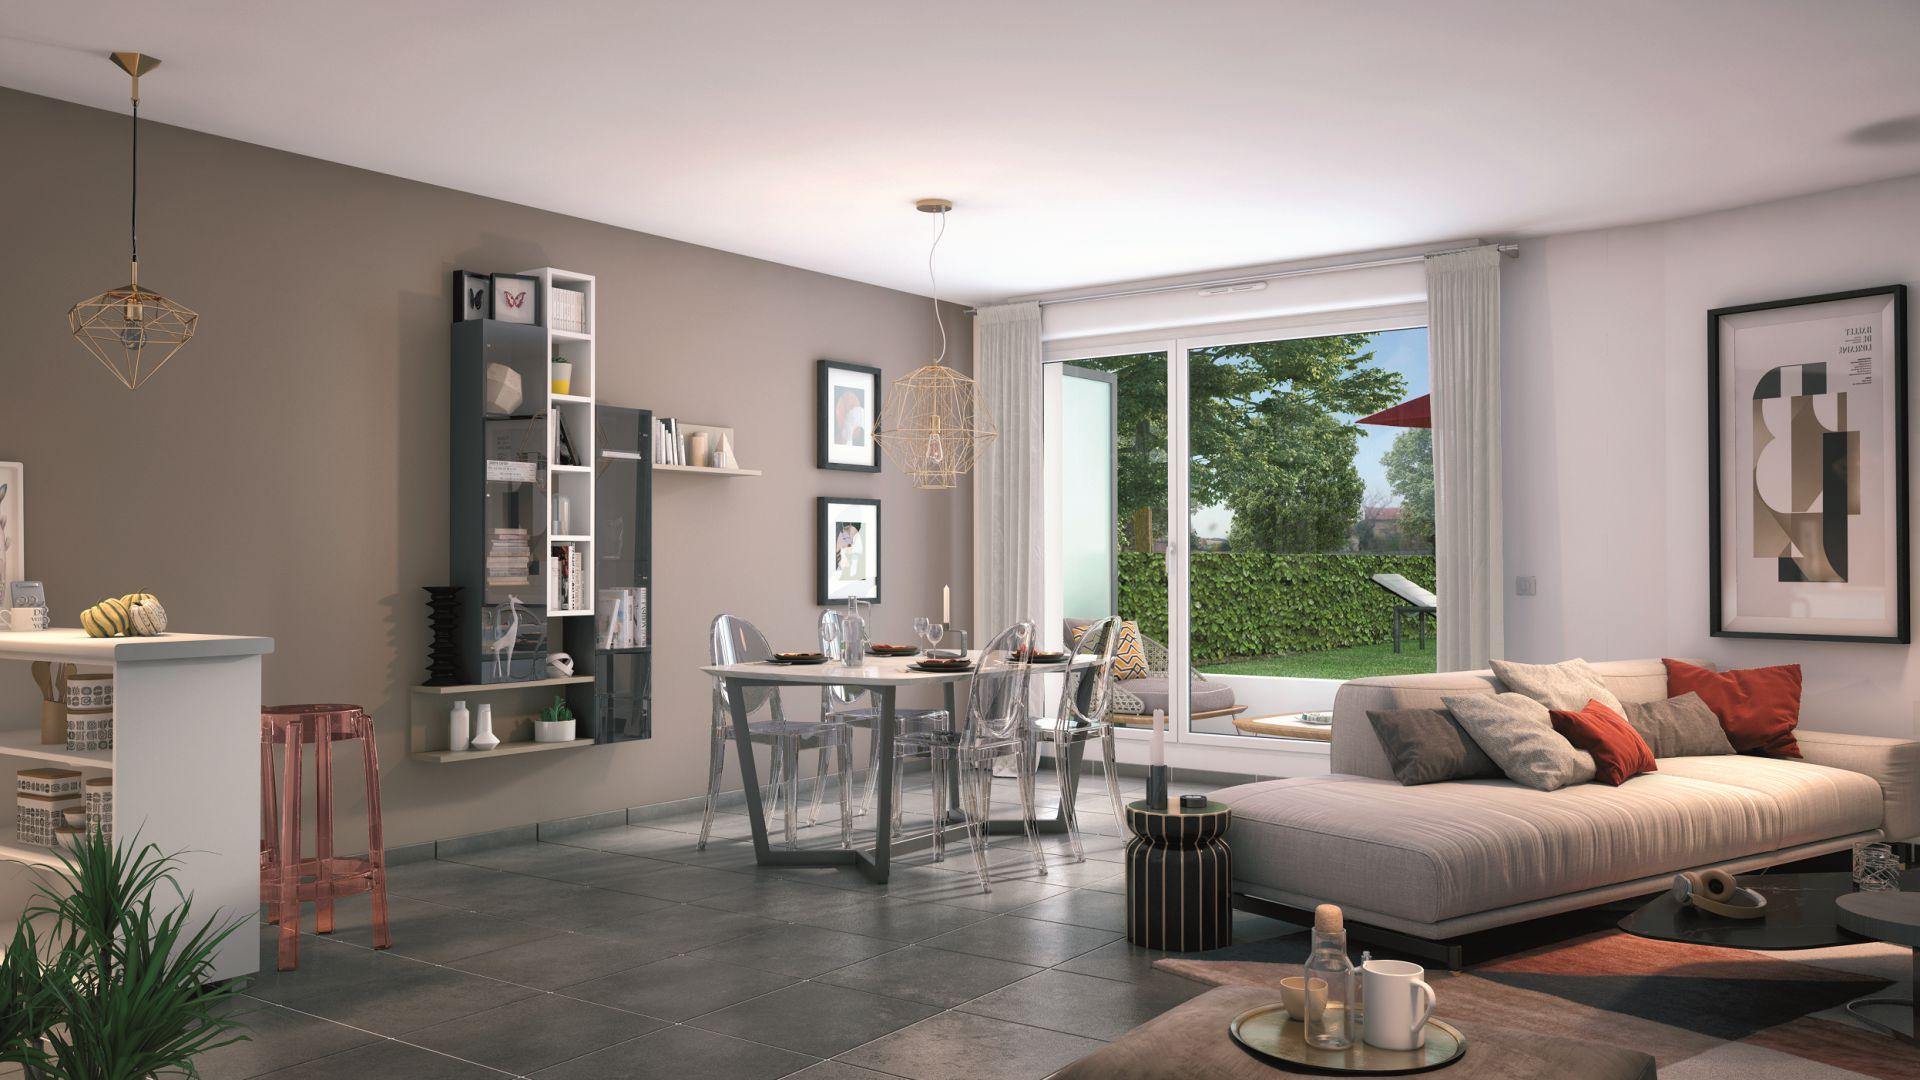 GreenCity Immobilier - Villa Grés - Gretz Armainvilliers - appartements du T1 bis au T3 - vue intérieur appartement